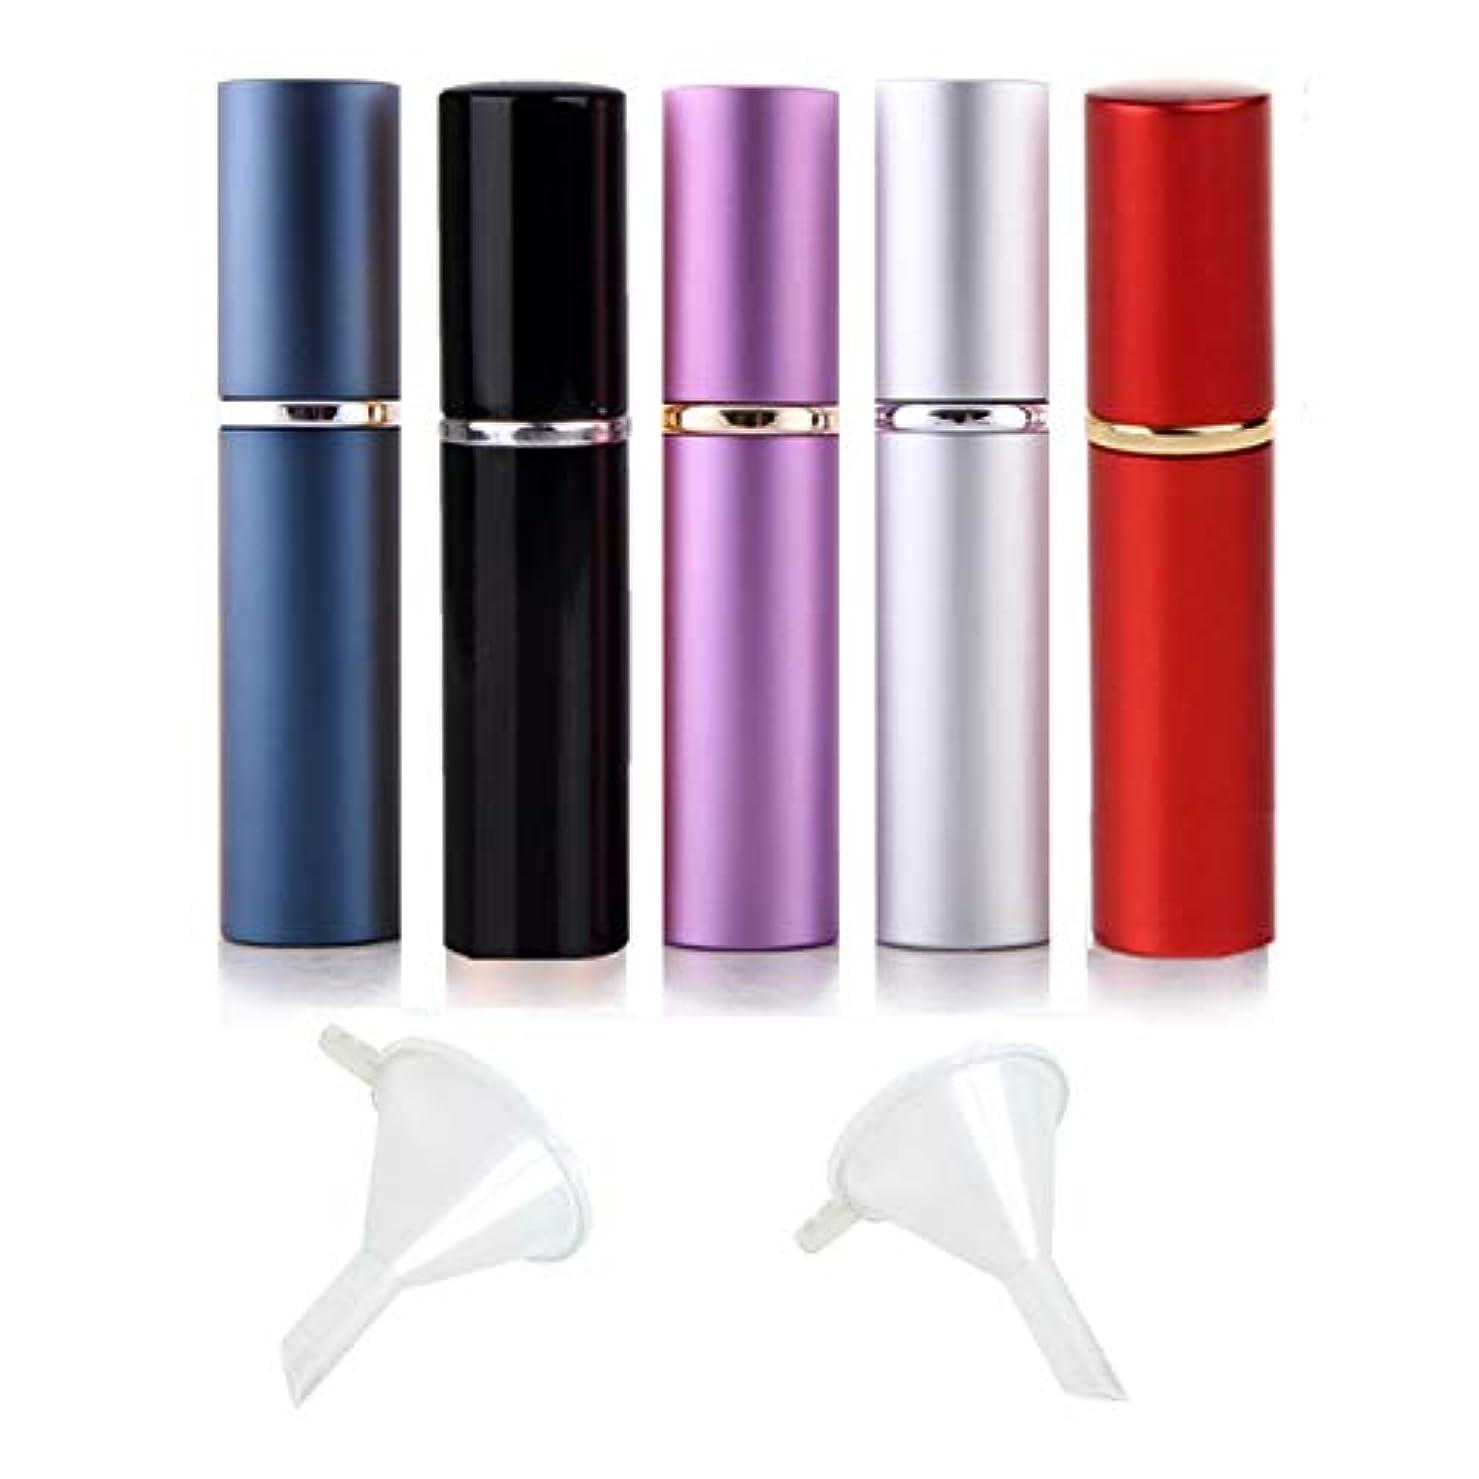 練る溝視線アトマイザー 5本 香水ボトル 香水瓶 6ml詰め替え容器 レディース スプレーボトル ミニ漏斗付き